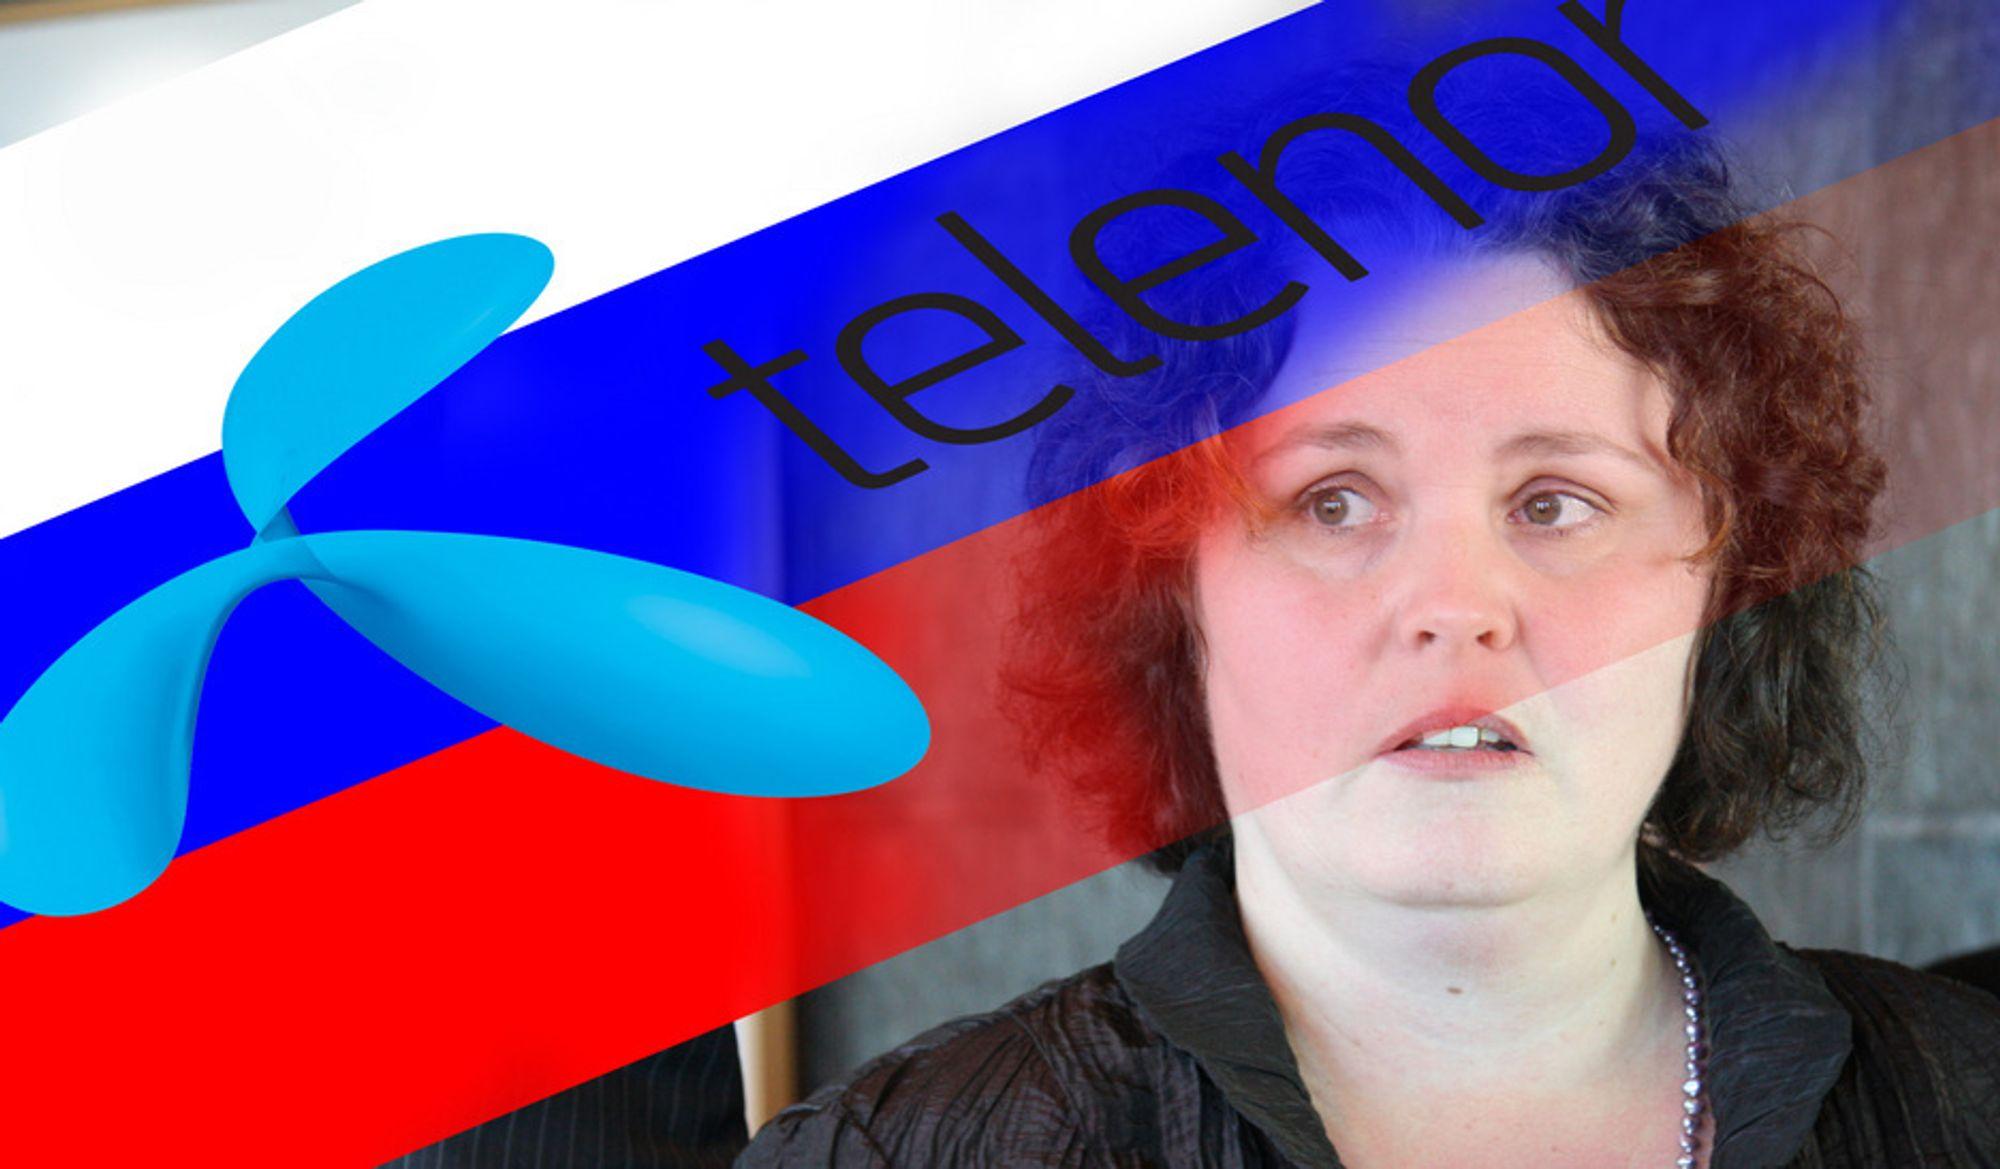 Nærings- og handelsminister Sylvia Brustad vil ta opp dommen mot Telenor med russiske myndigheter.